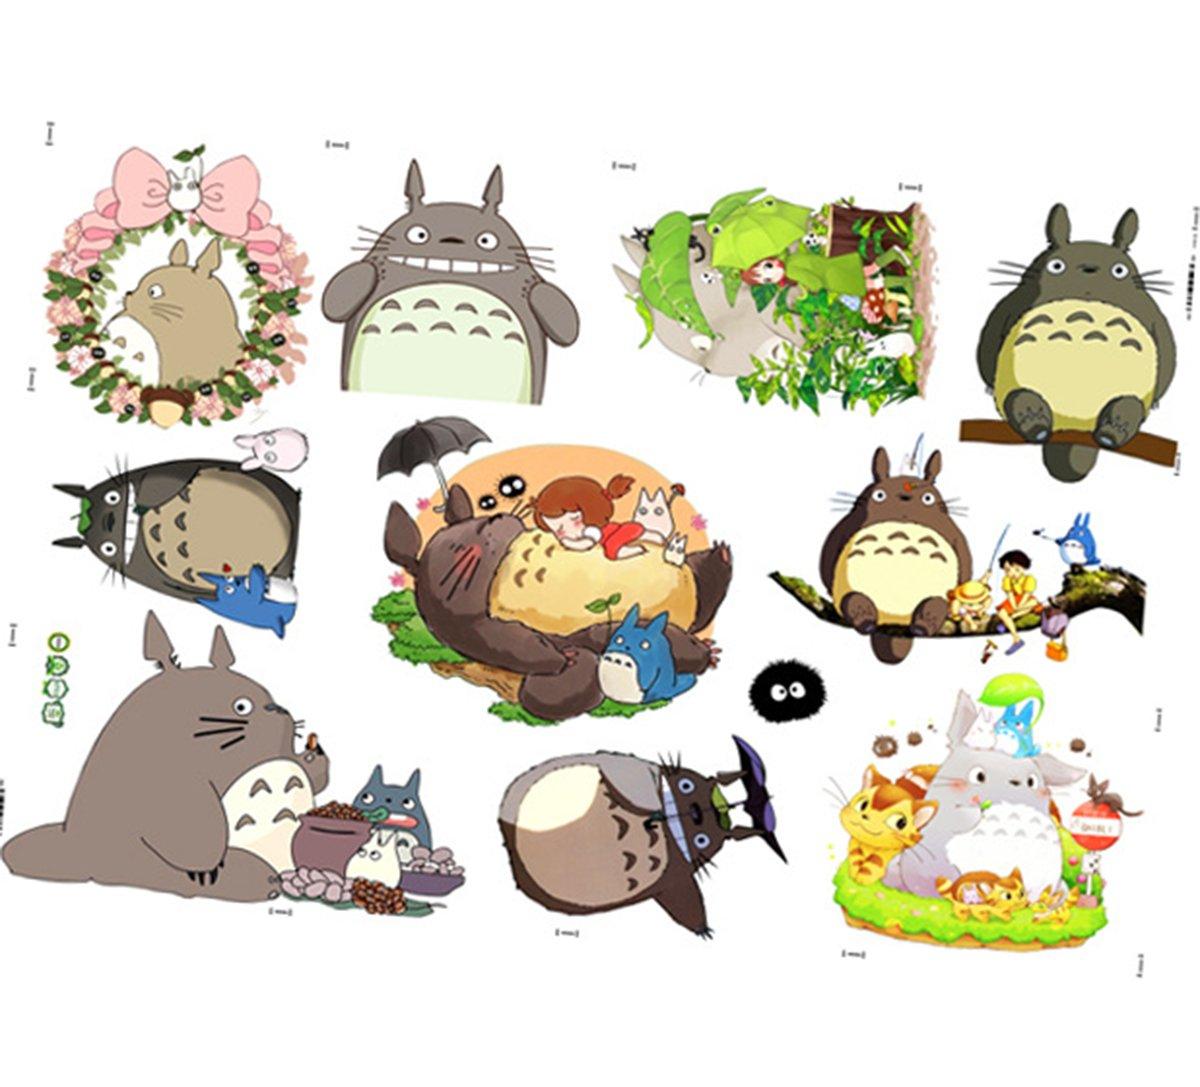 Studio Ghibli Spirited Away Spoot Dust Sprites - My Neighbor Totoro -  School Backpack - Mini Backpacks - S…   Studio ghibli spirited away, Studio  ghibli, Manga gift